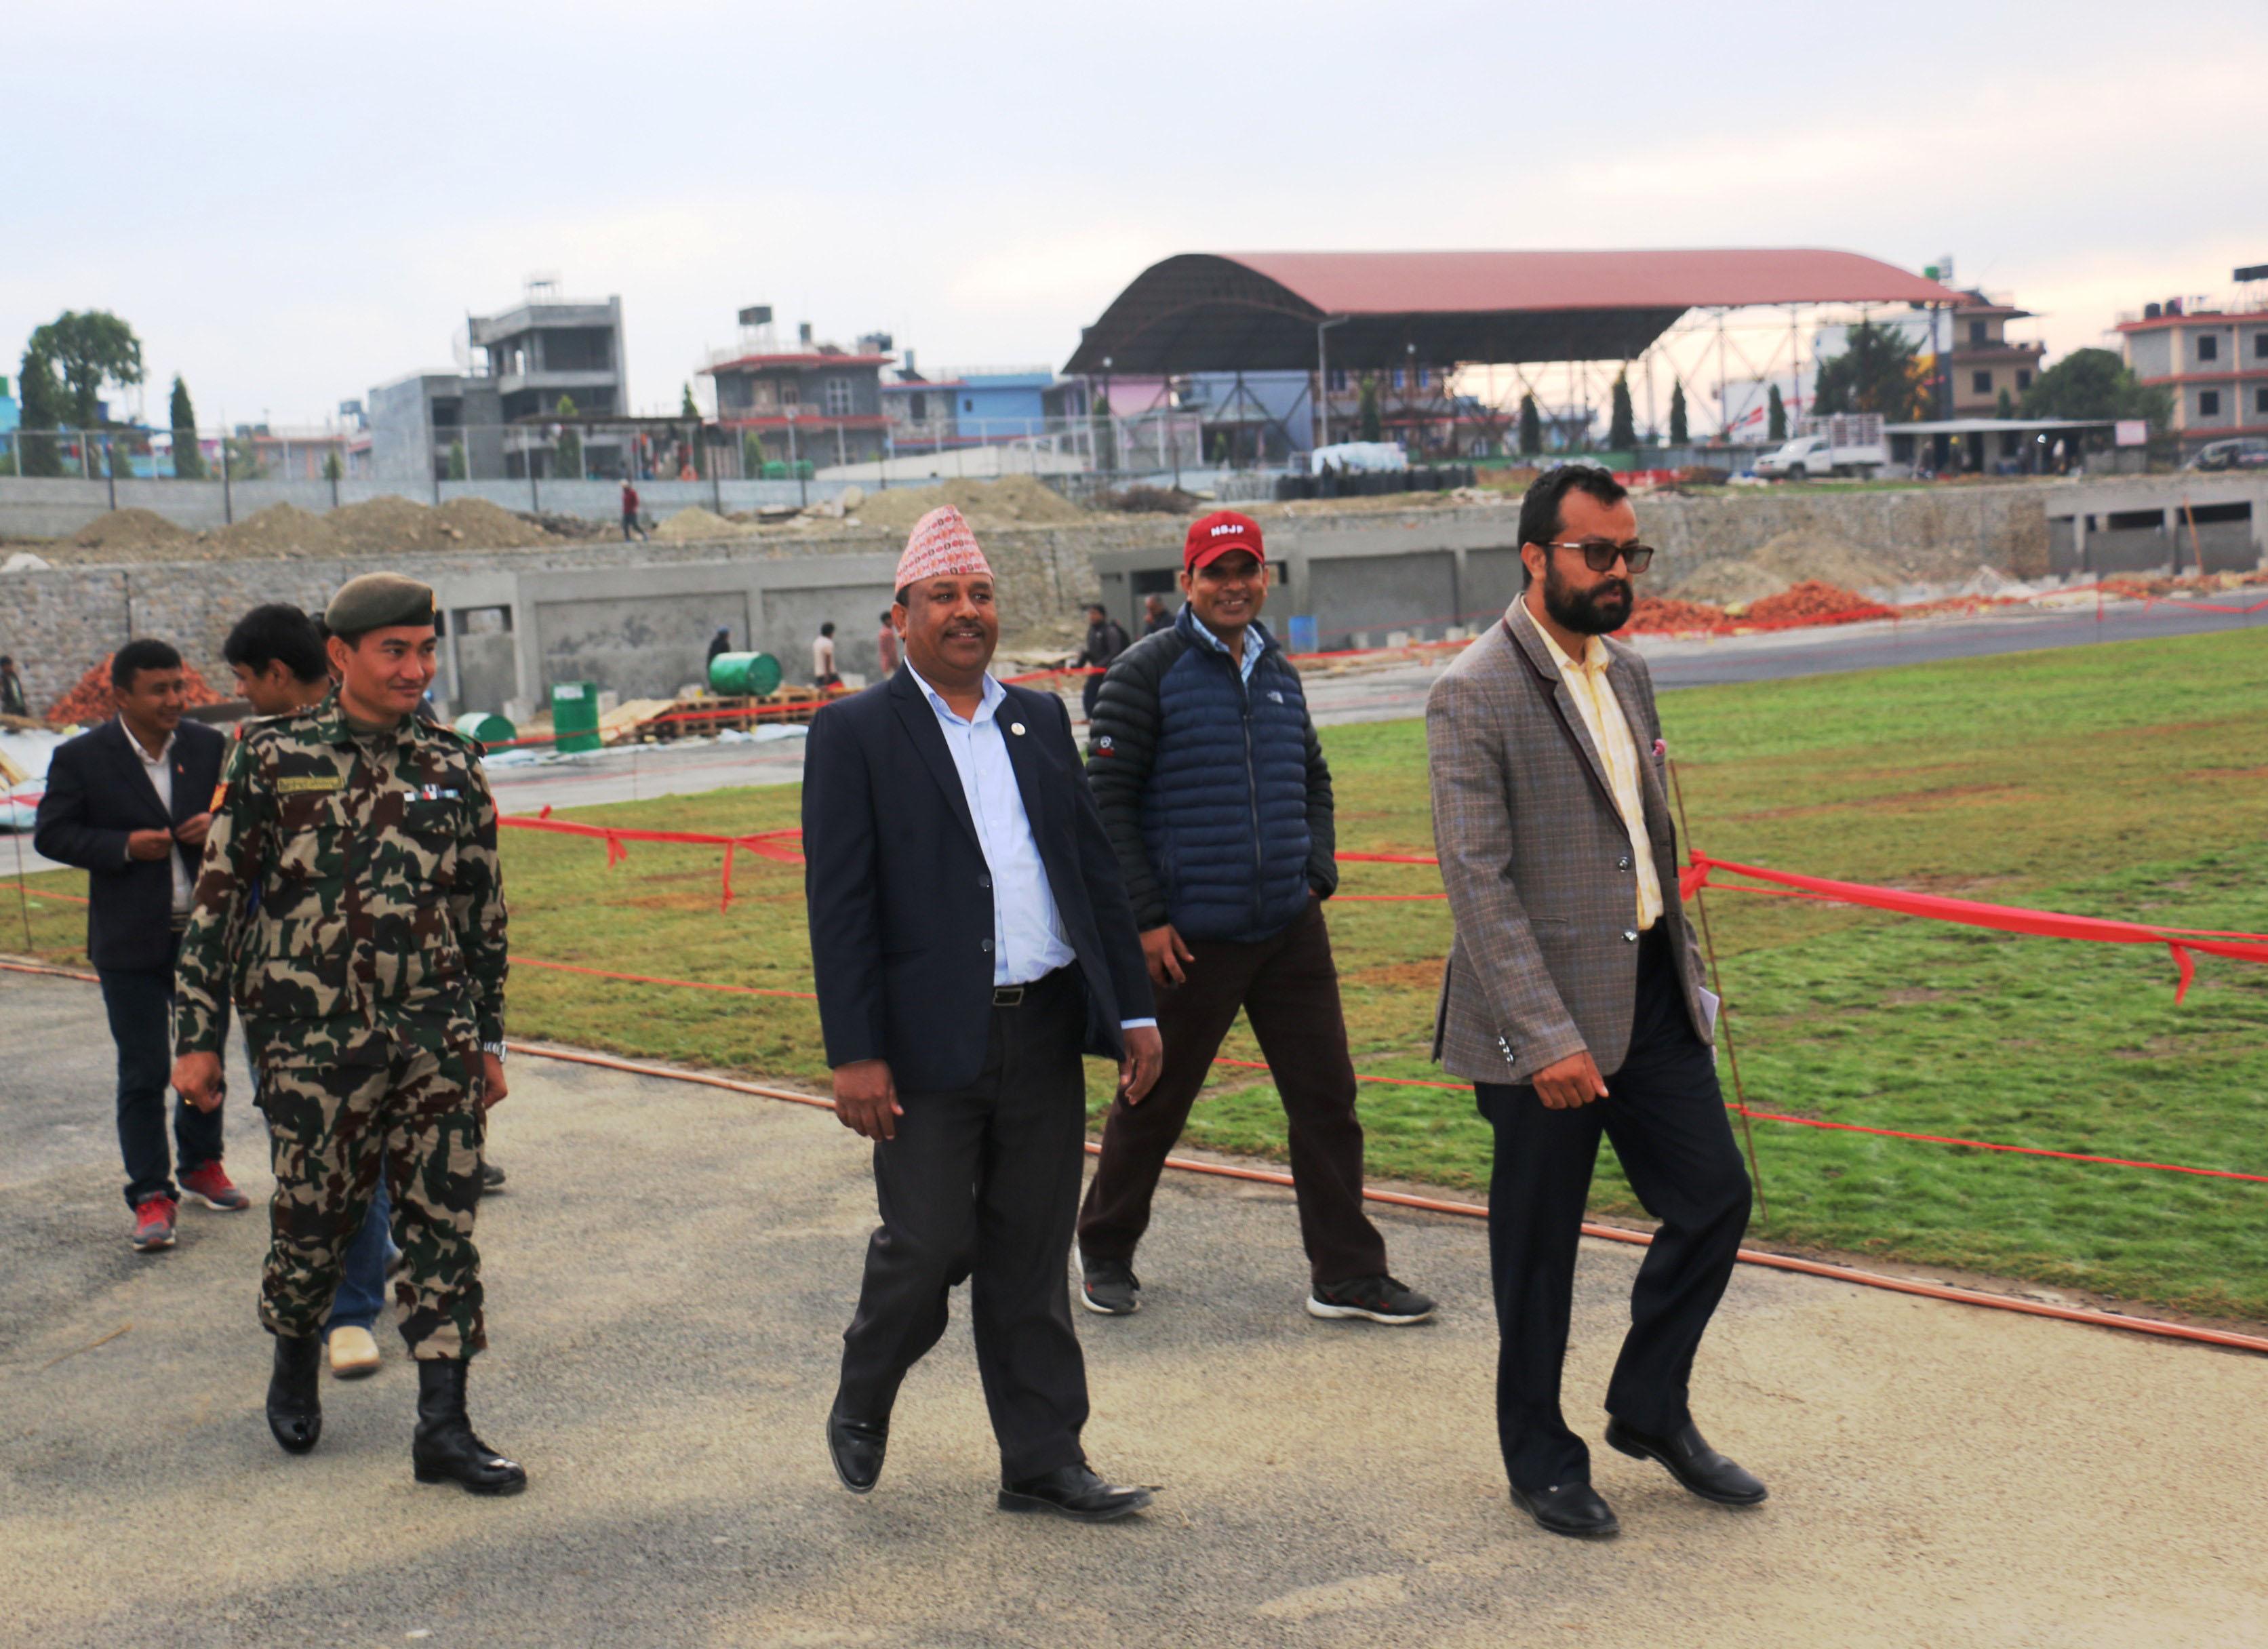 साग खेलकूद सफल पार्न सरकार कटिबद्ध छ : मन्त्री विश्वकर्मा